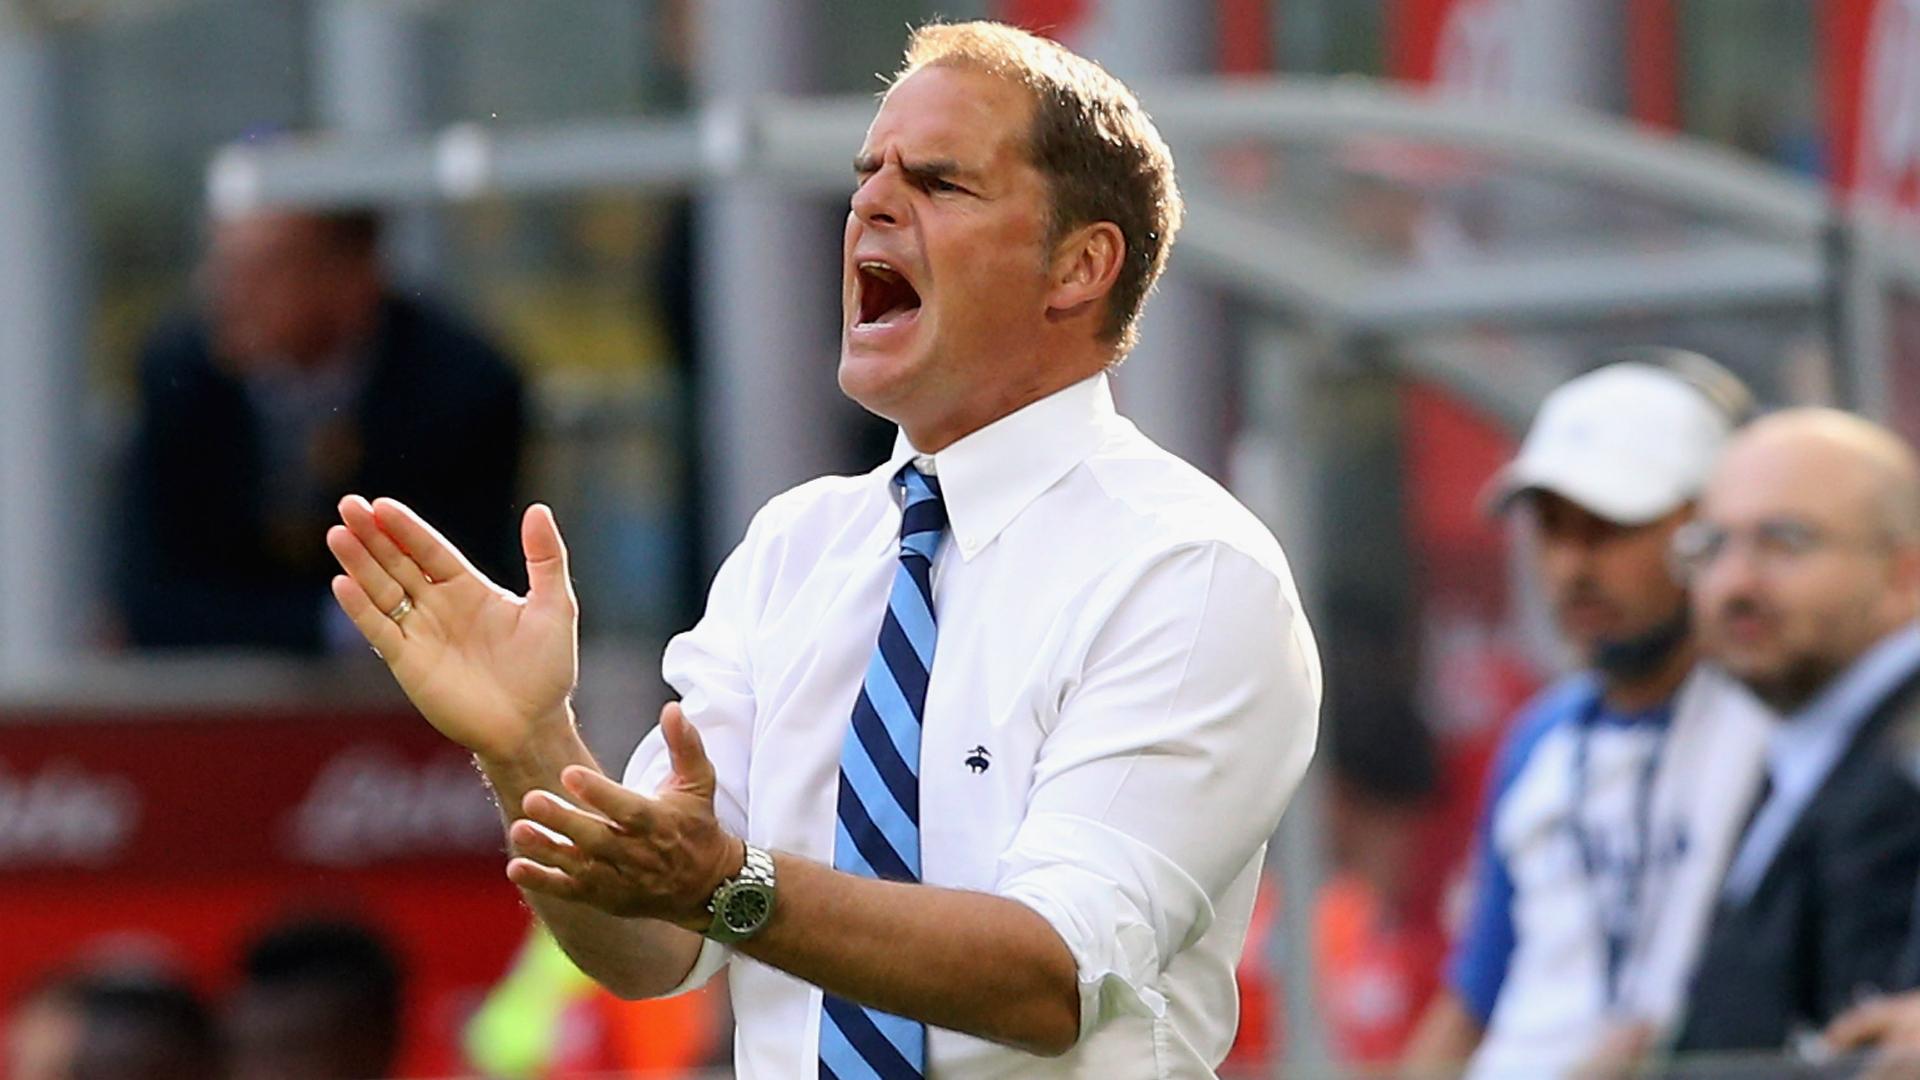 Frank de Boer, Internazionale, Serie A, 20160925